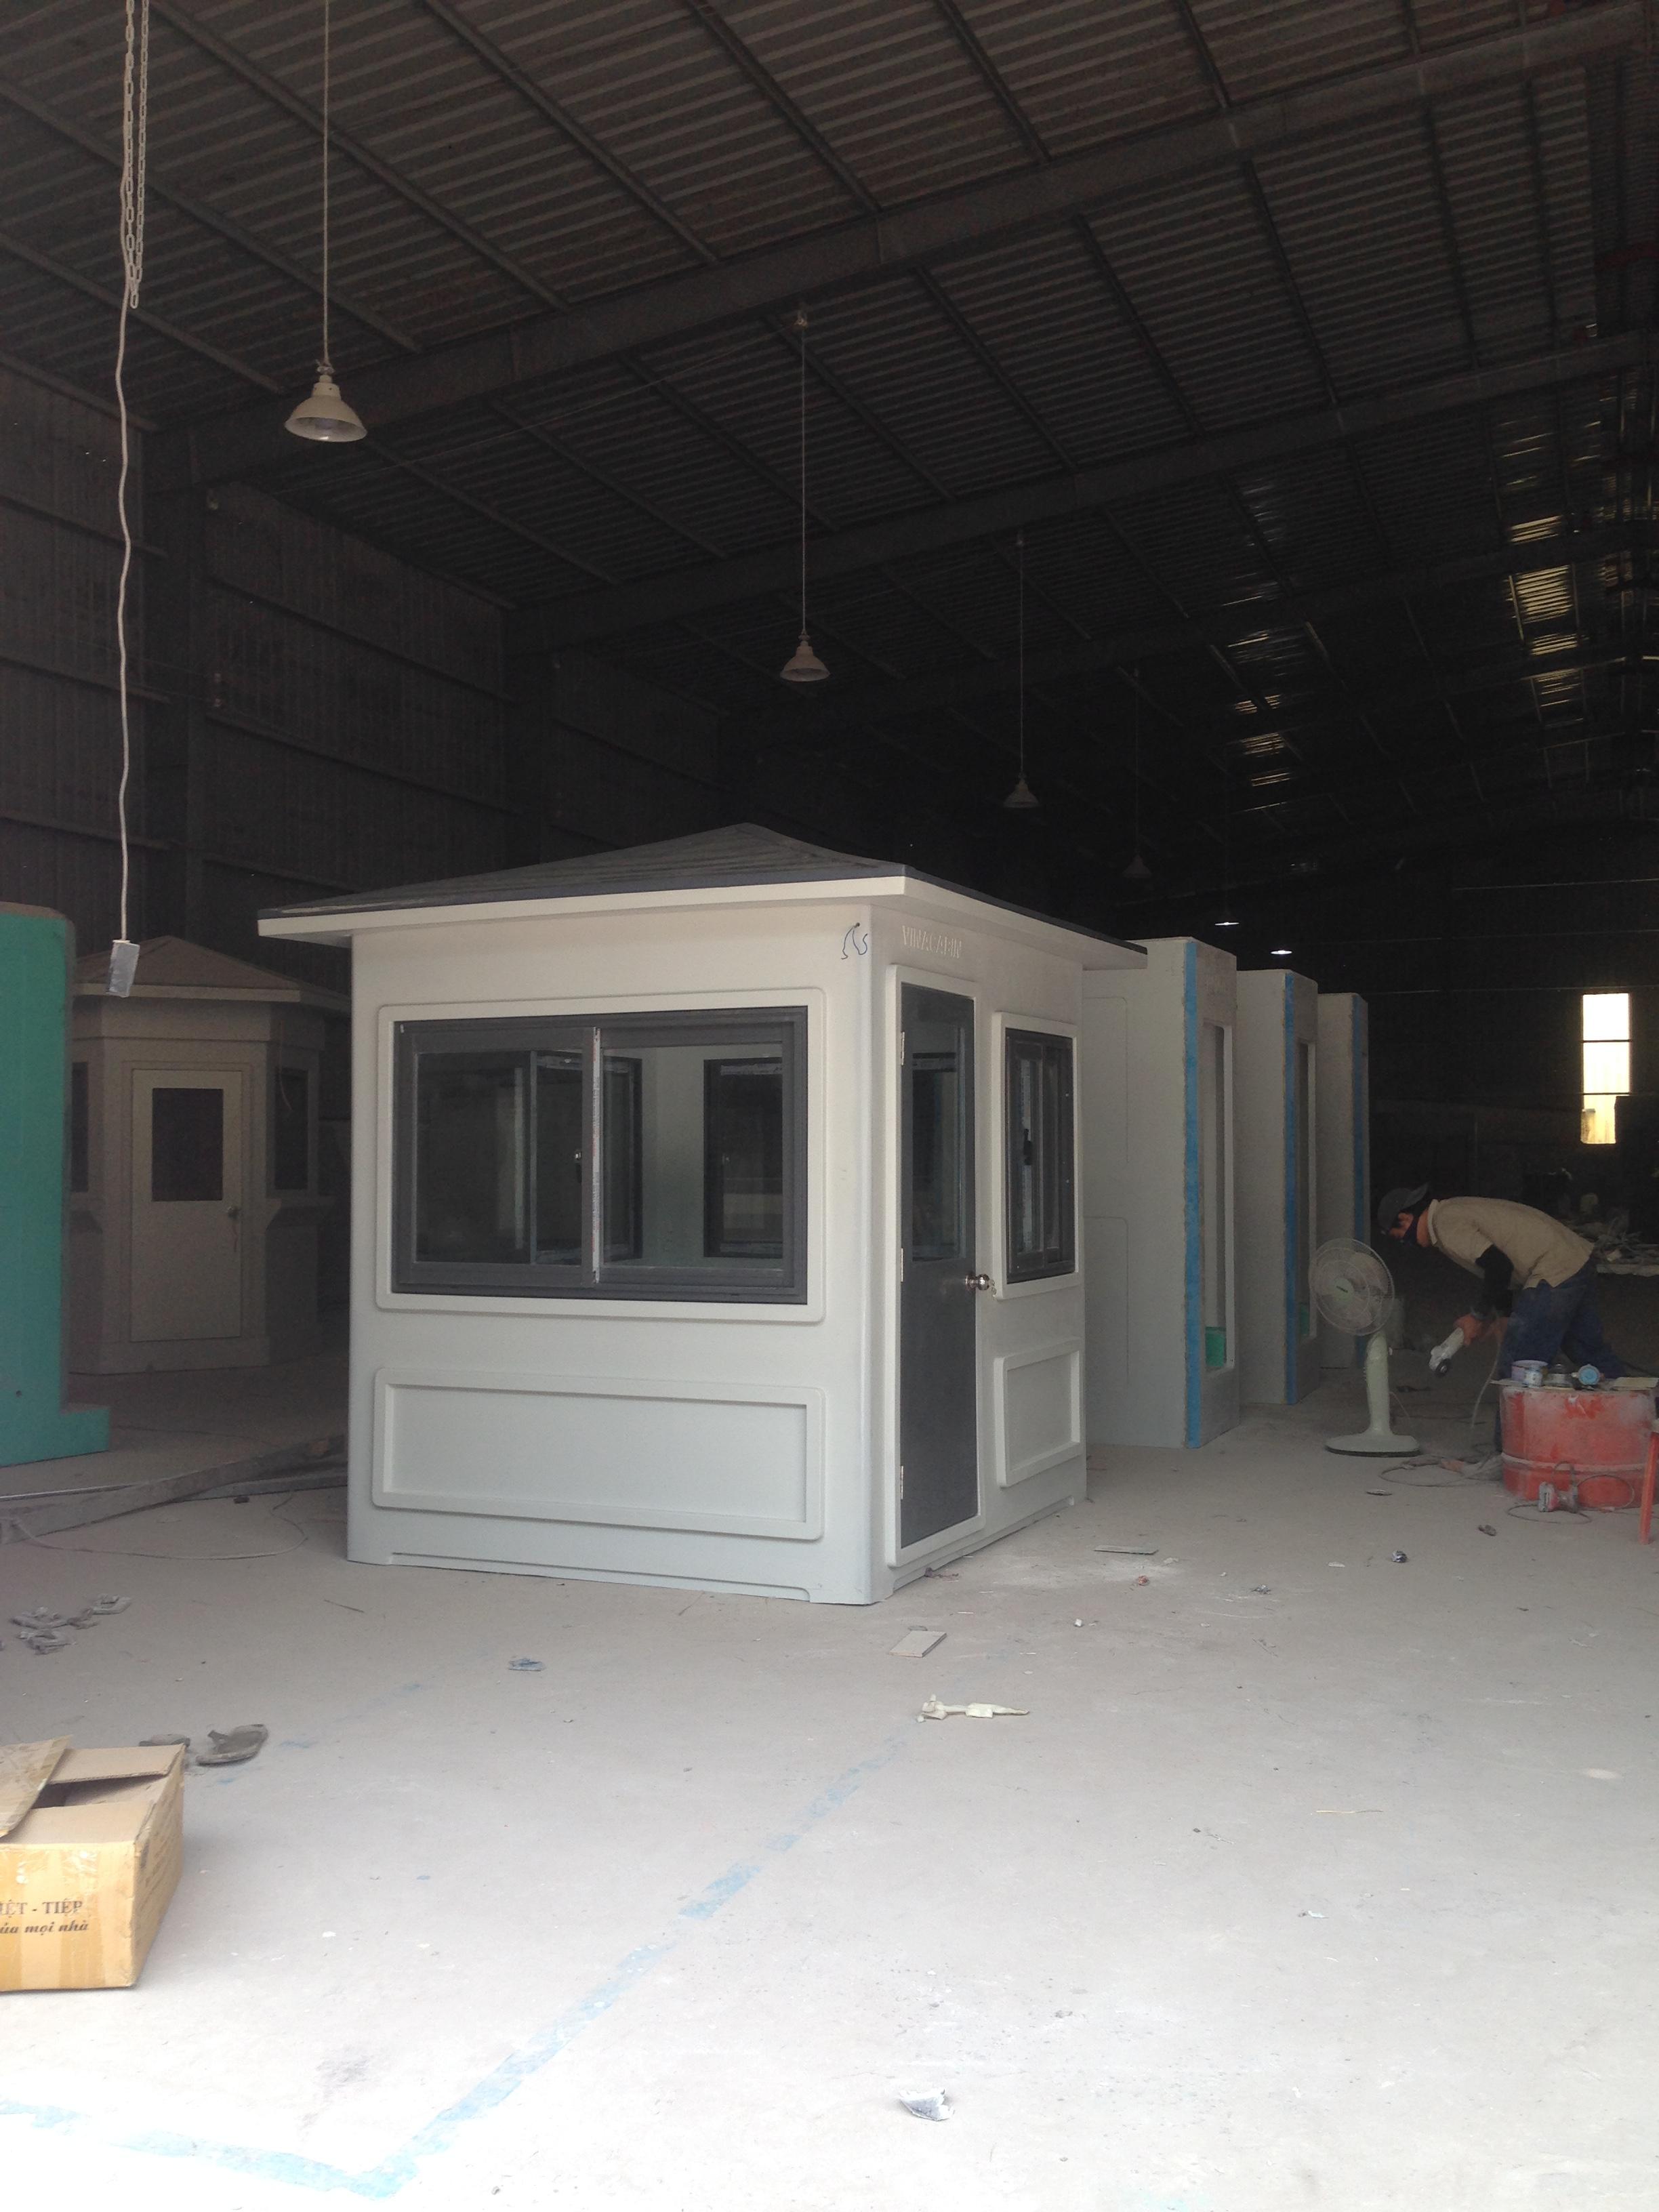 Nhà bảo vệ chất lượng cao chế tạo hàng loạt phù hợp với hầu hết các công trình ở Việt Nam